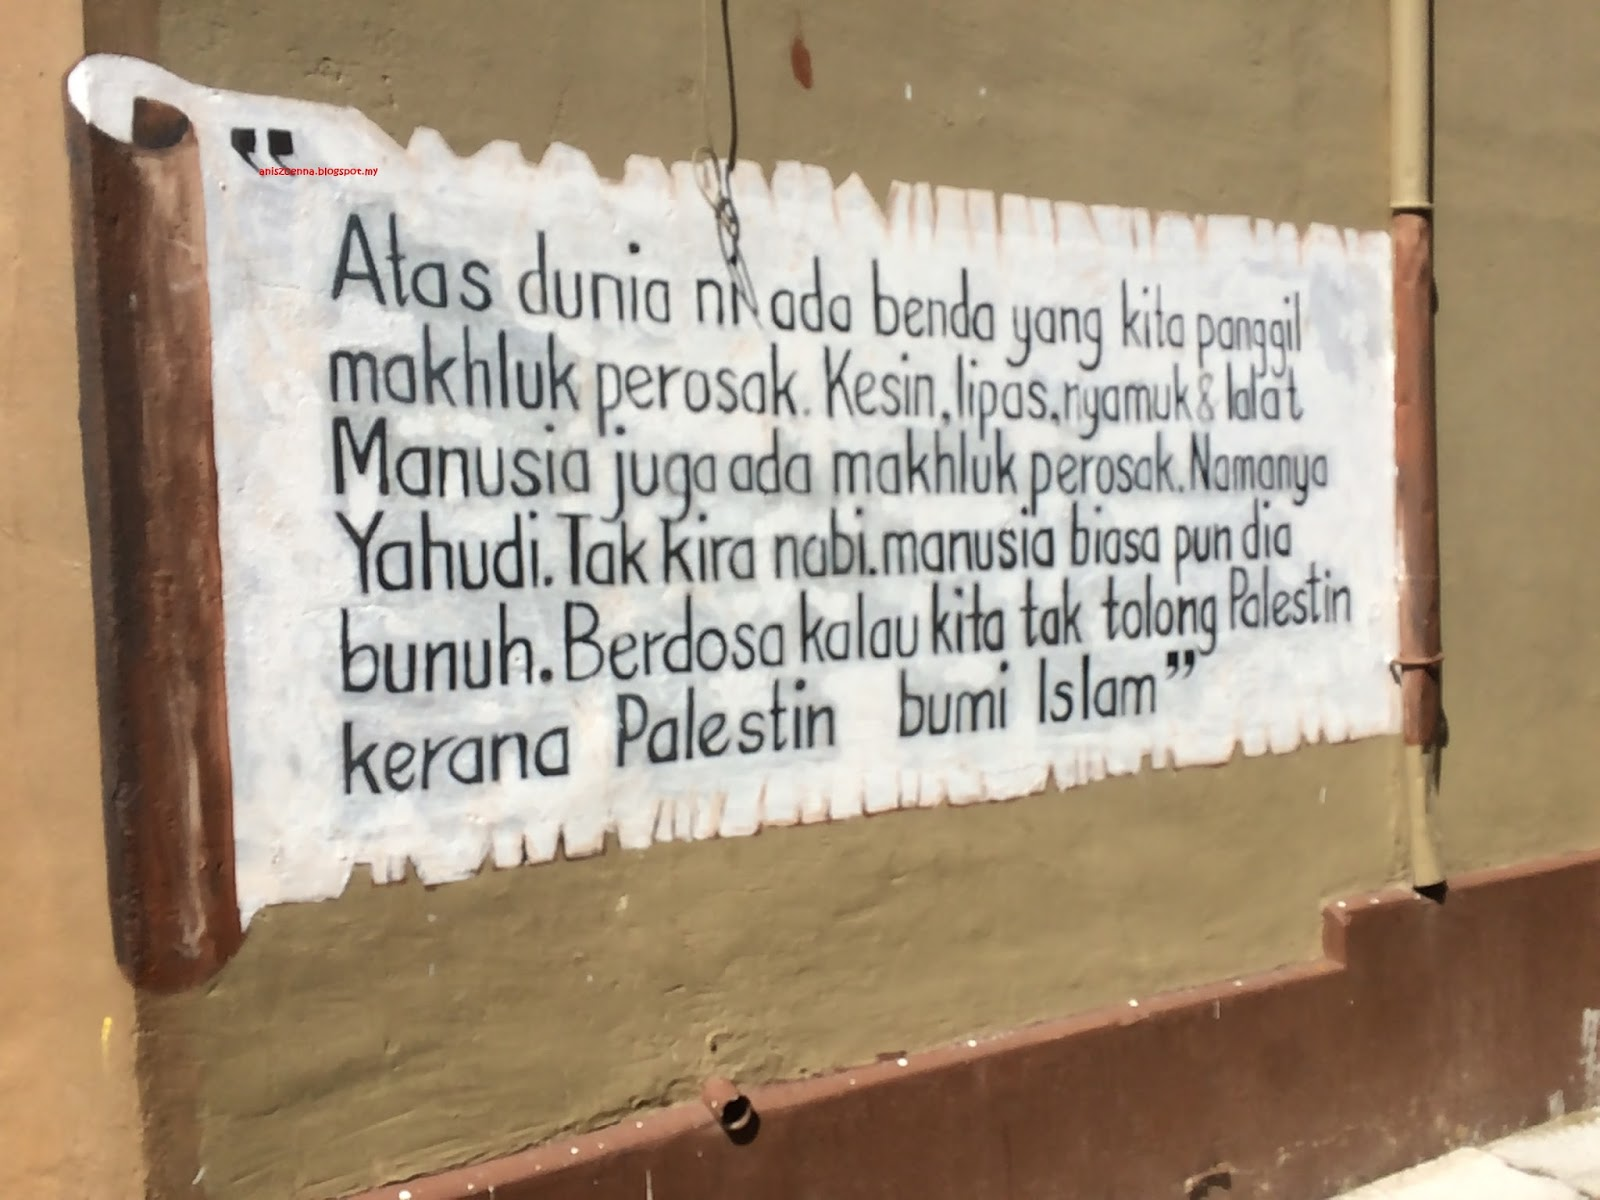 Life for rent laman cakna palestin di kota bharu for J bathroom kota bharu